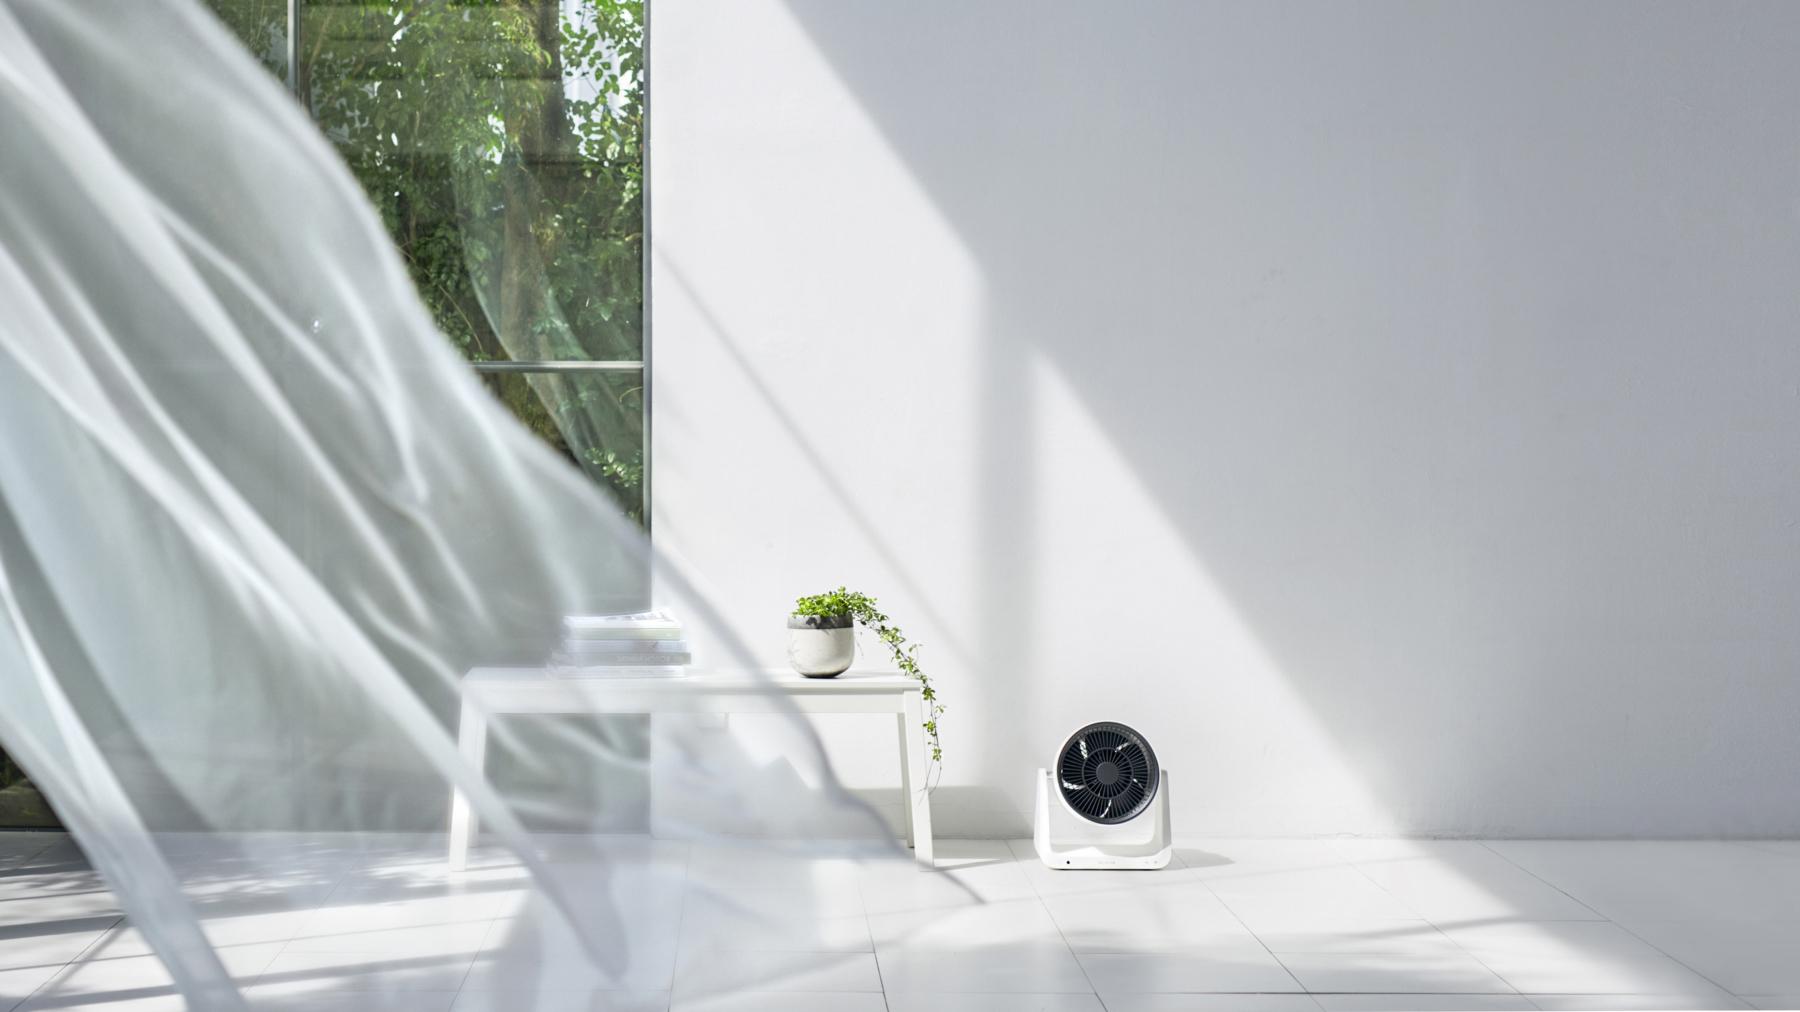 『R2-D2』からインスピレーションを受けたバルミューダの新製品「GreenFan C2」